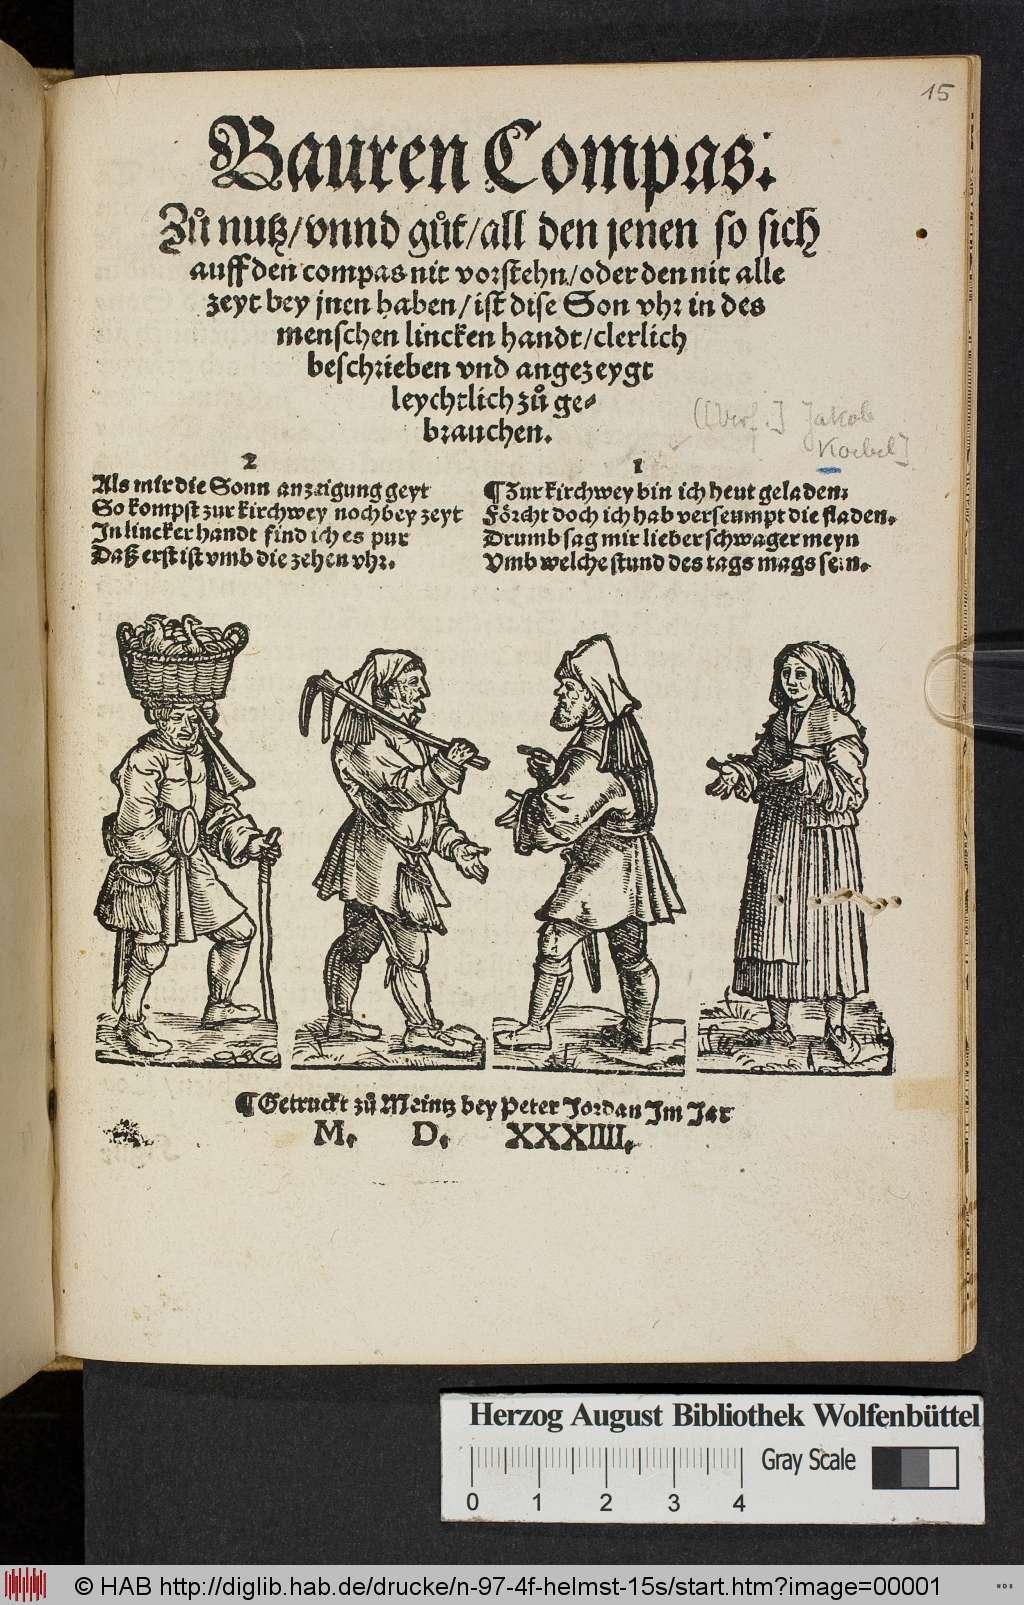 http://diglib.hab.de/drucke/n-97-4f-helmst-15s/00001.jpg